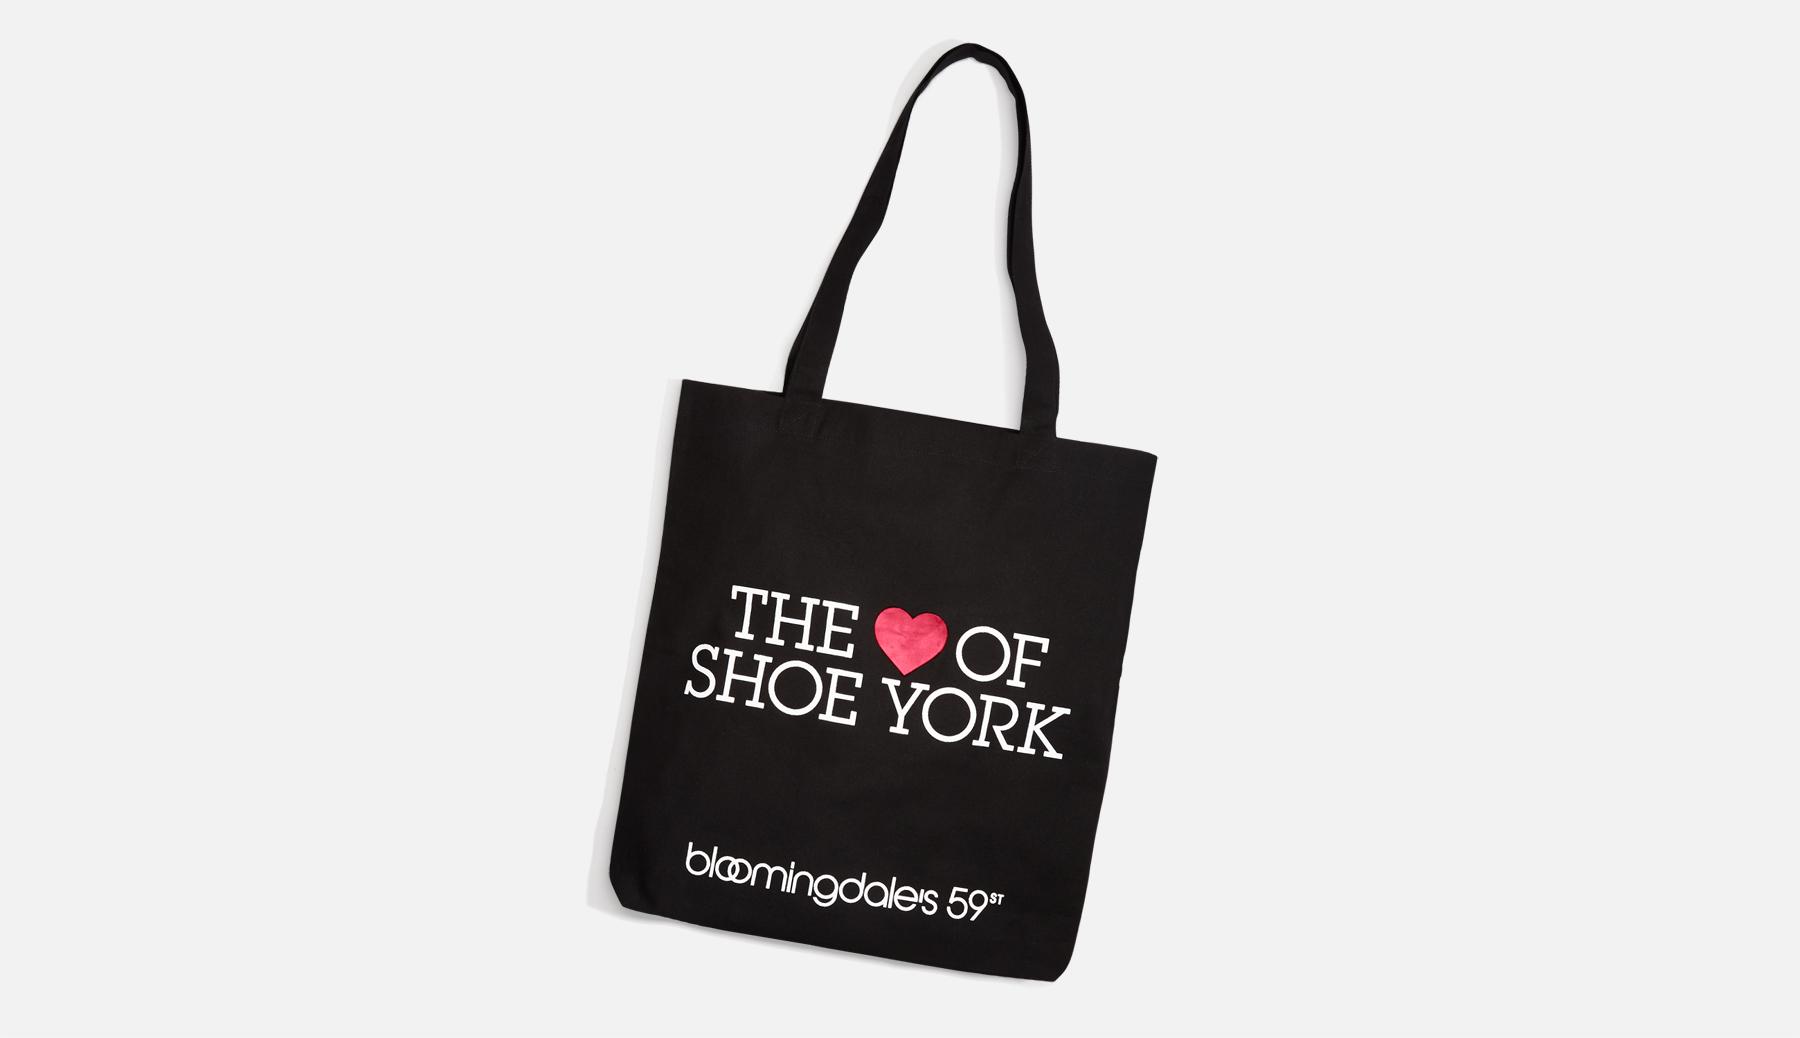 Shoe_York_Bag.jpg